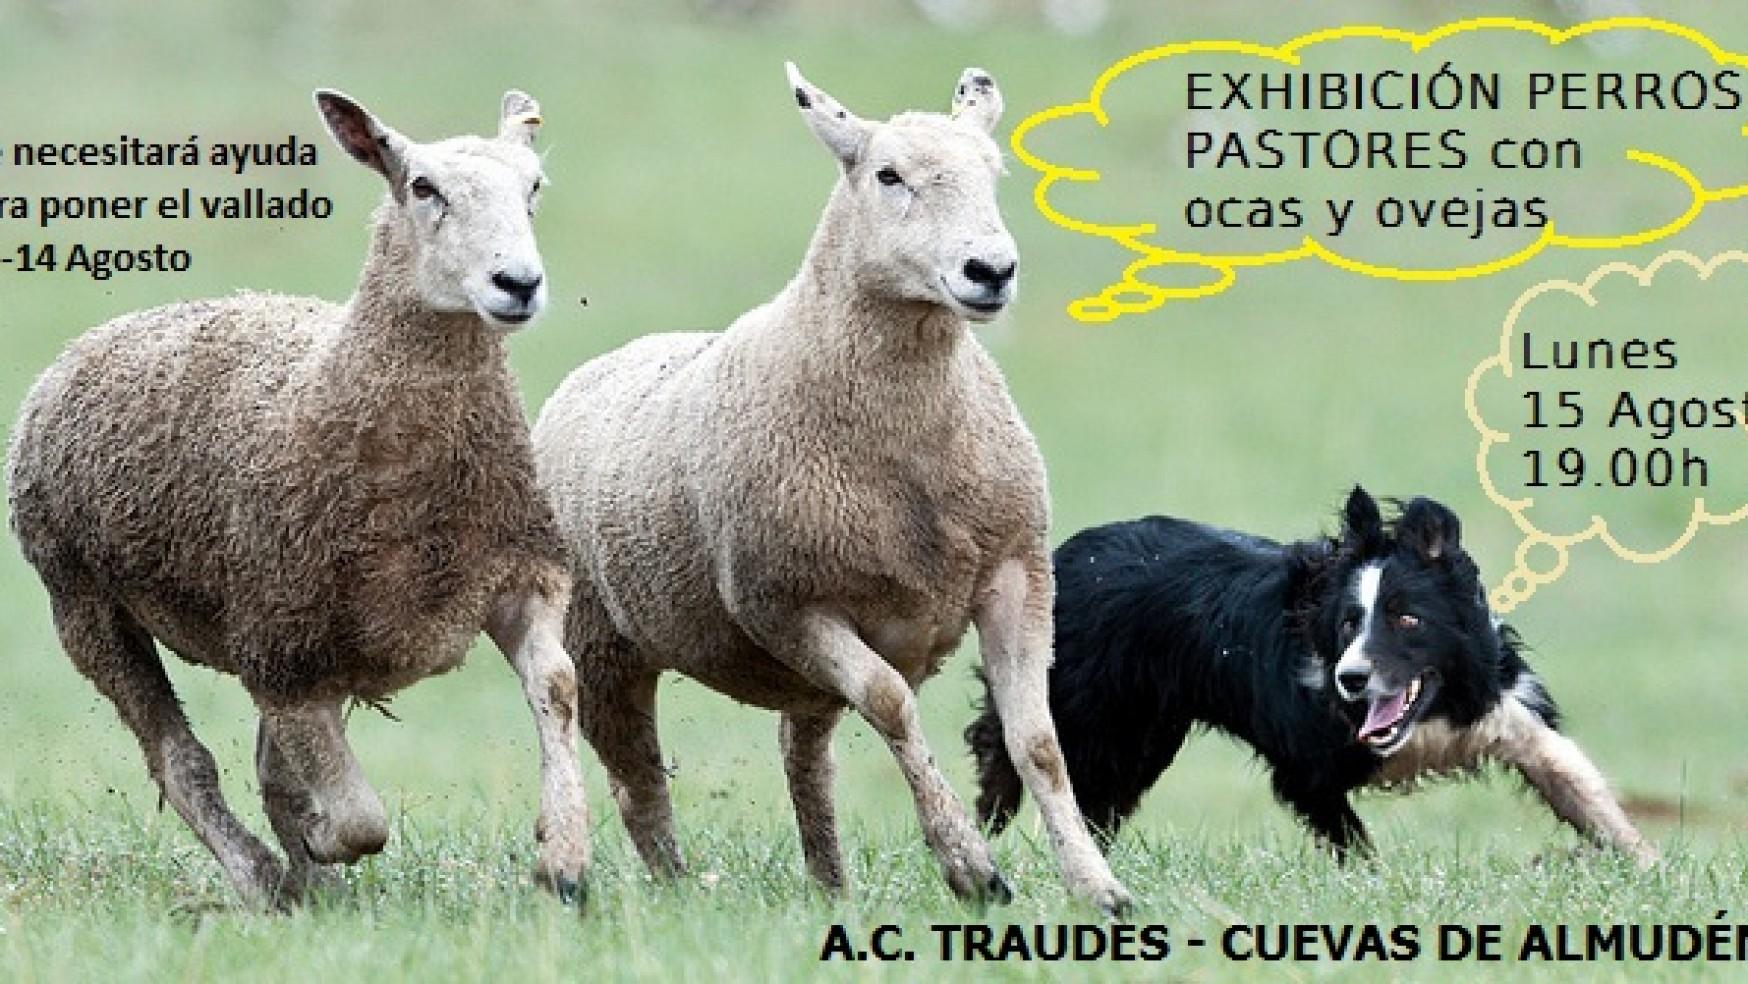 Exhibición de perros pastores